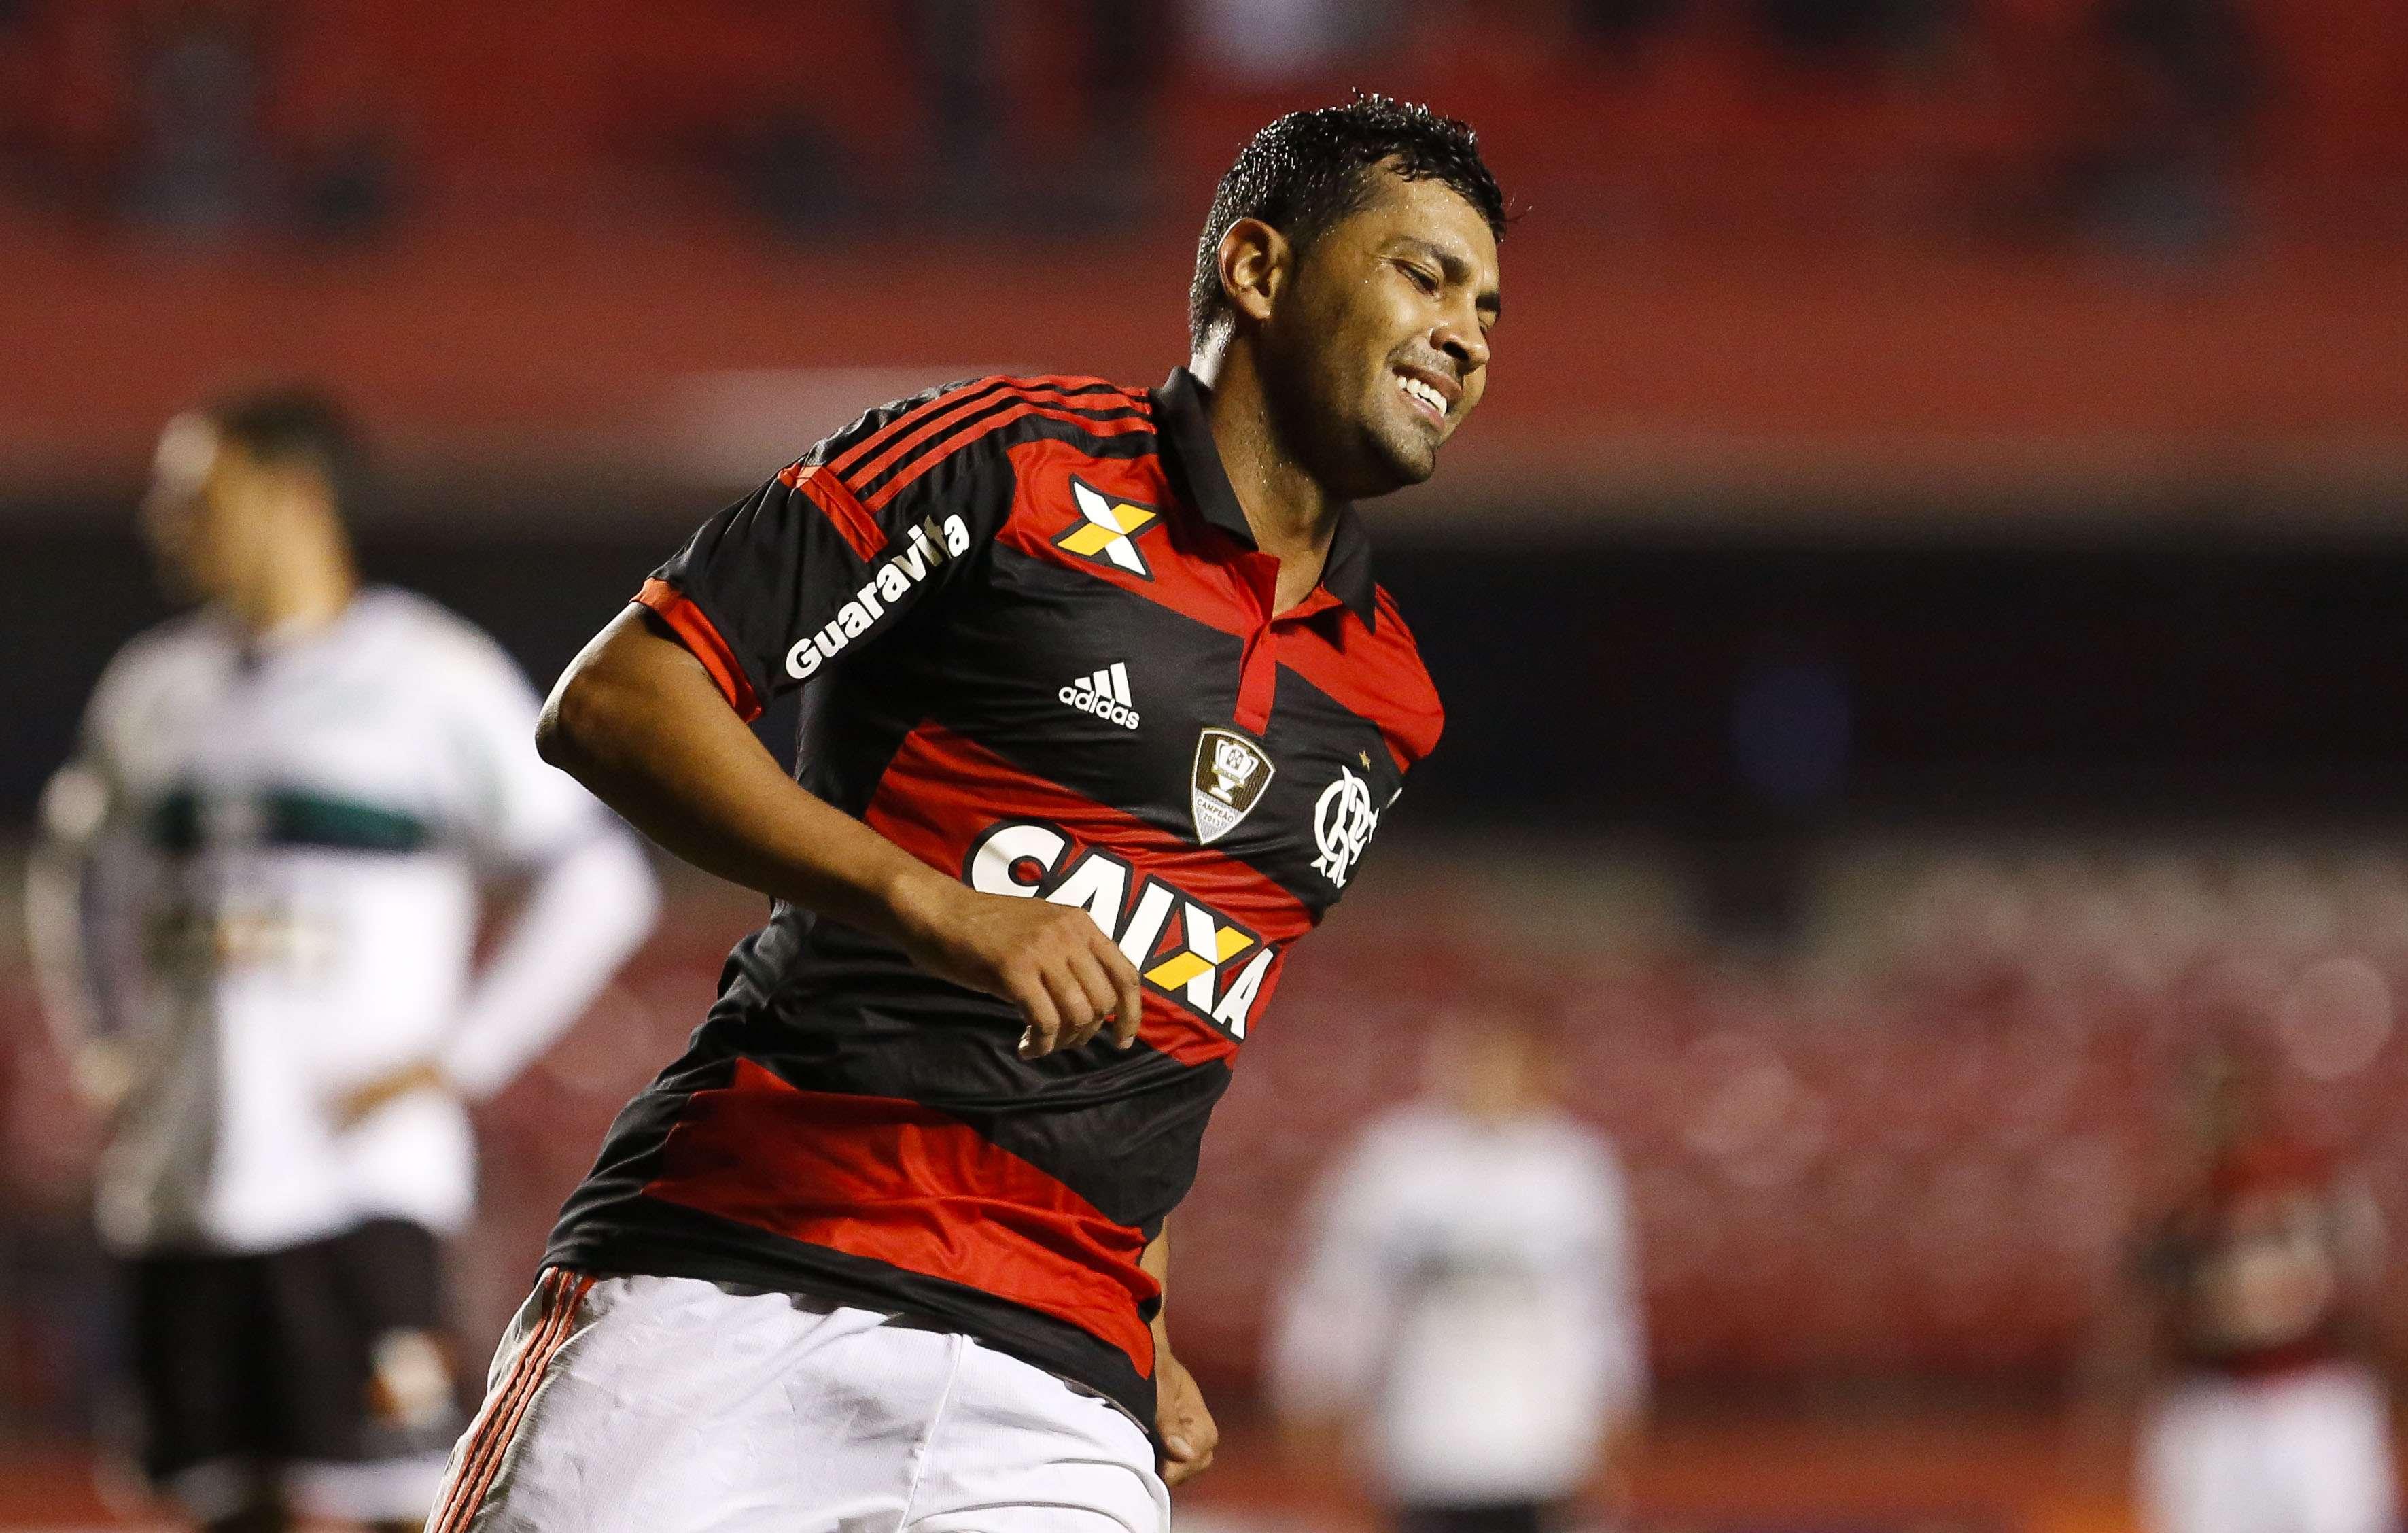 André Santos foi agredido por torcedores após goleada em Porto Alegre Foto: Miguel Schincariol/Getty Images